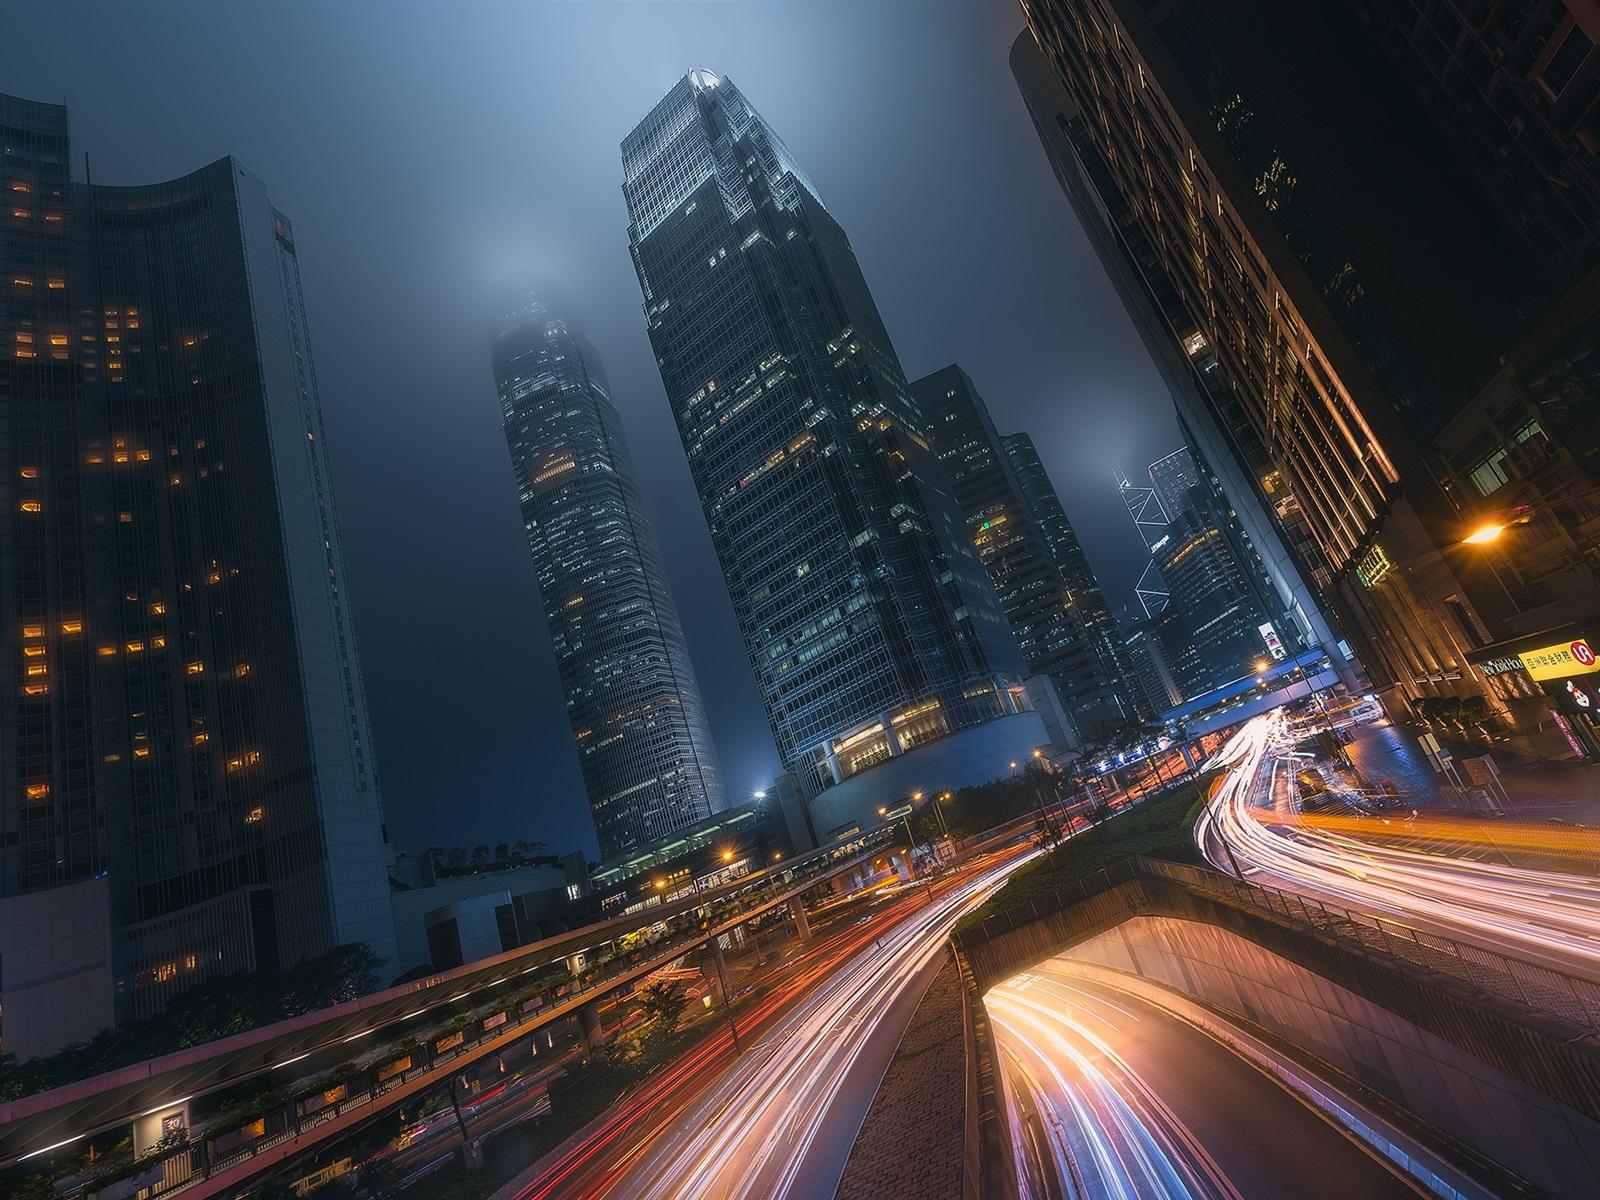 важно подготовить картинки для телефона огни ночного города белый мотылек